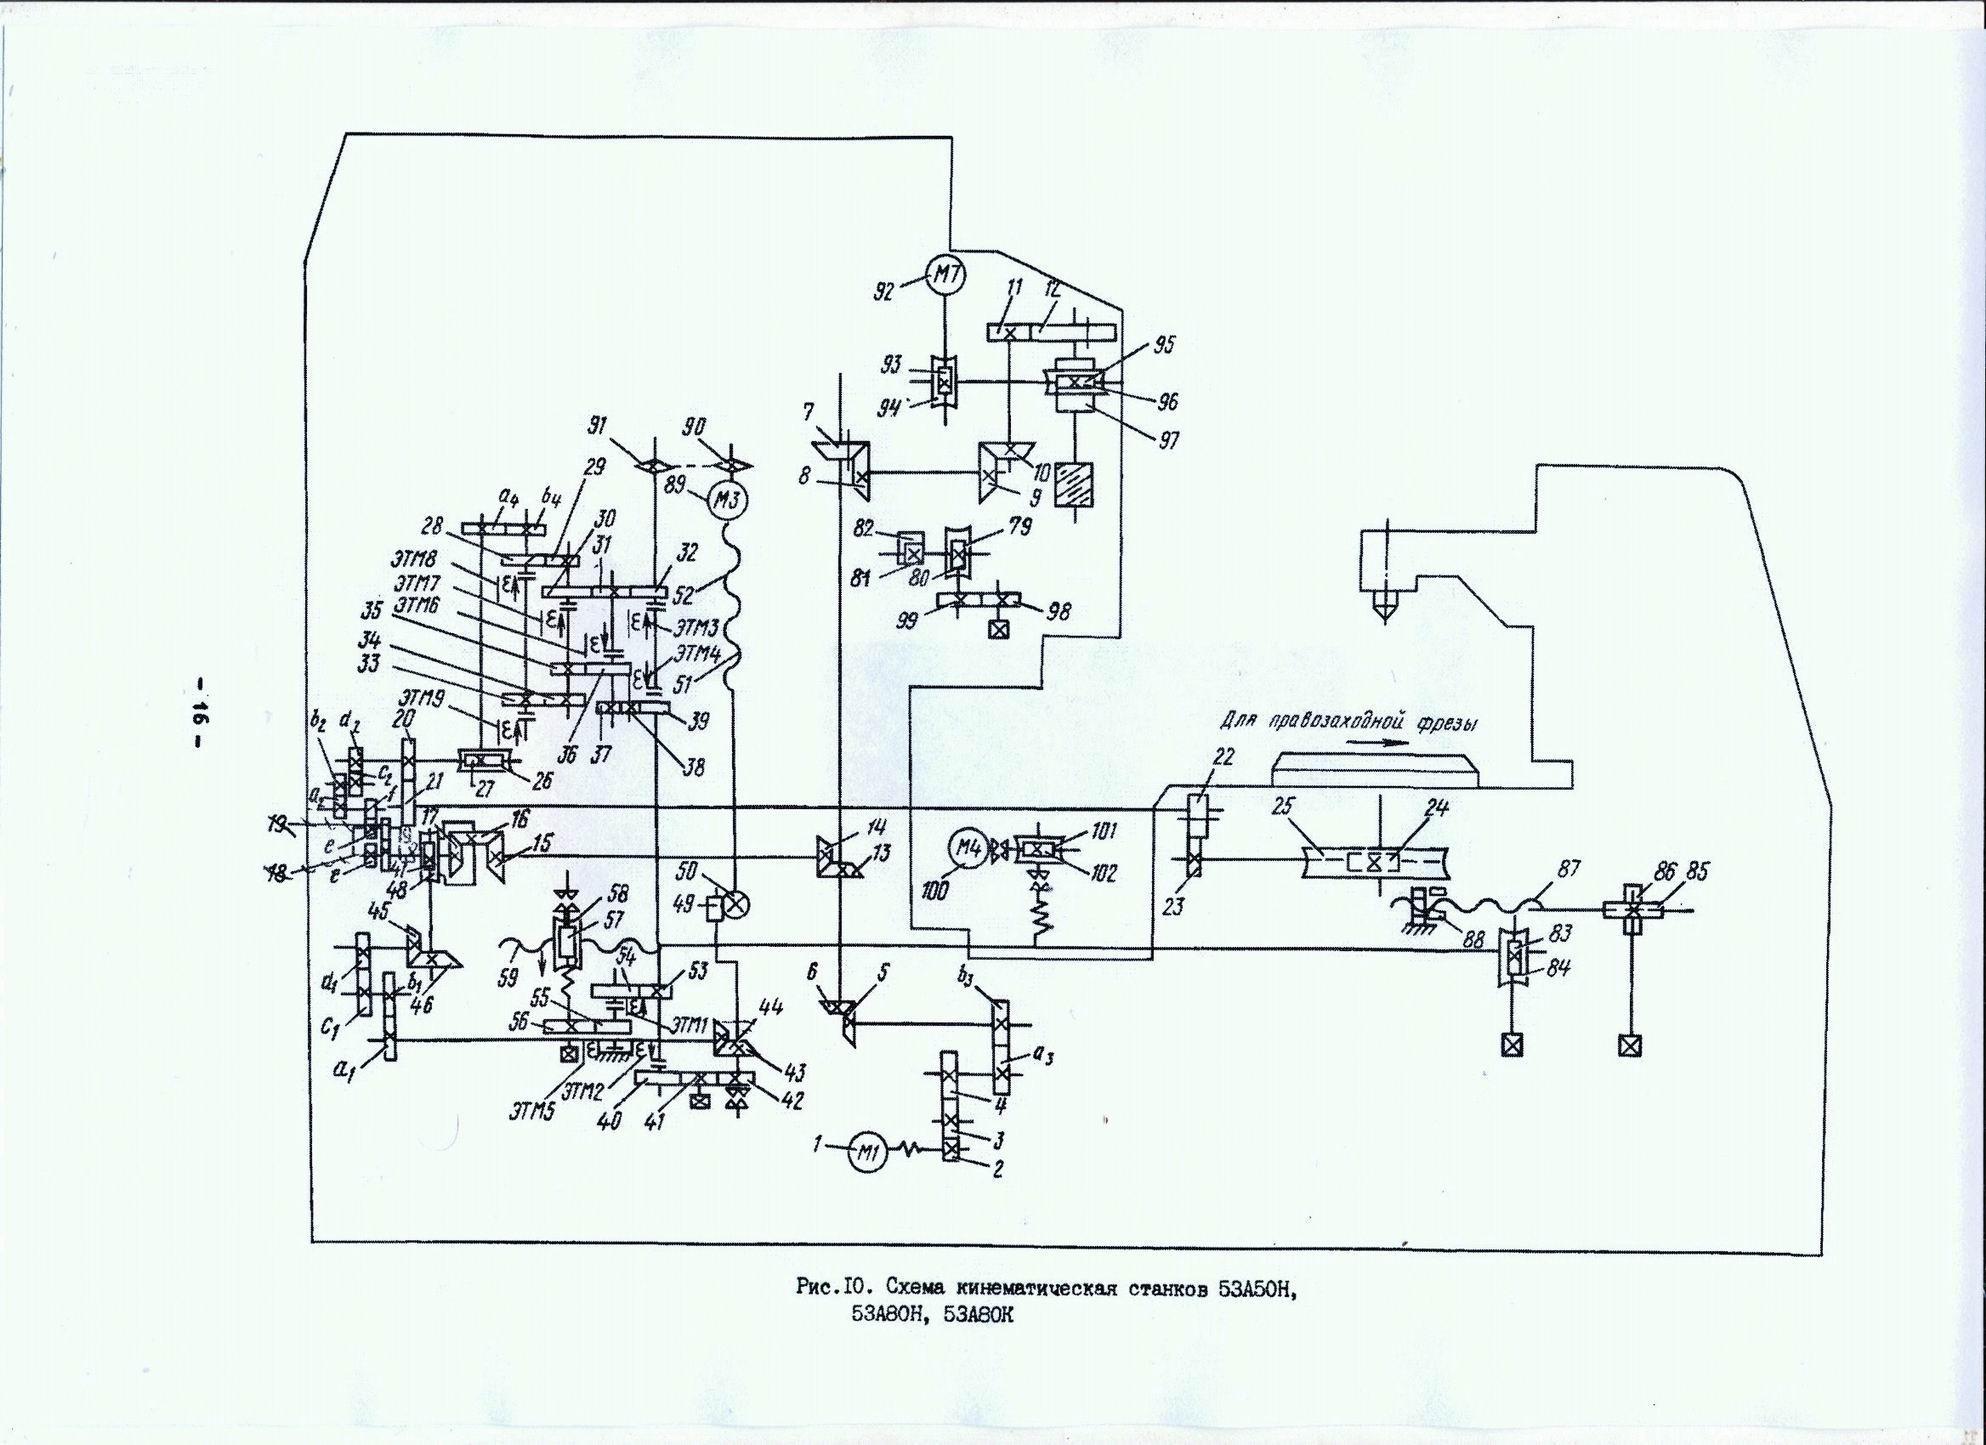 Зубофрезерный станок 53а50 кинематическая схема